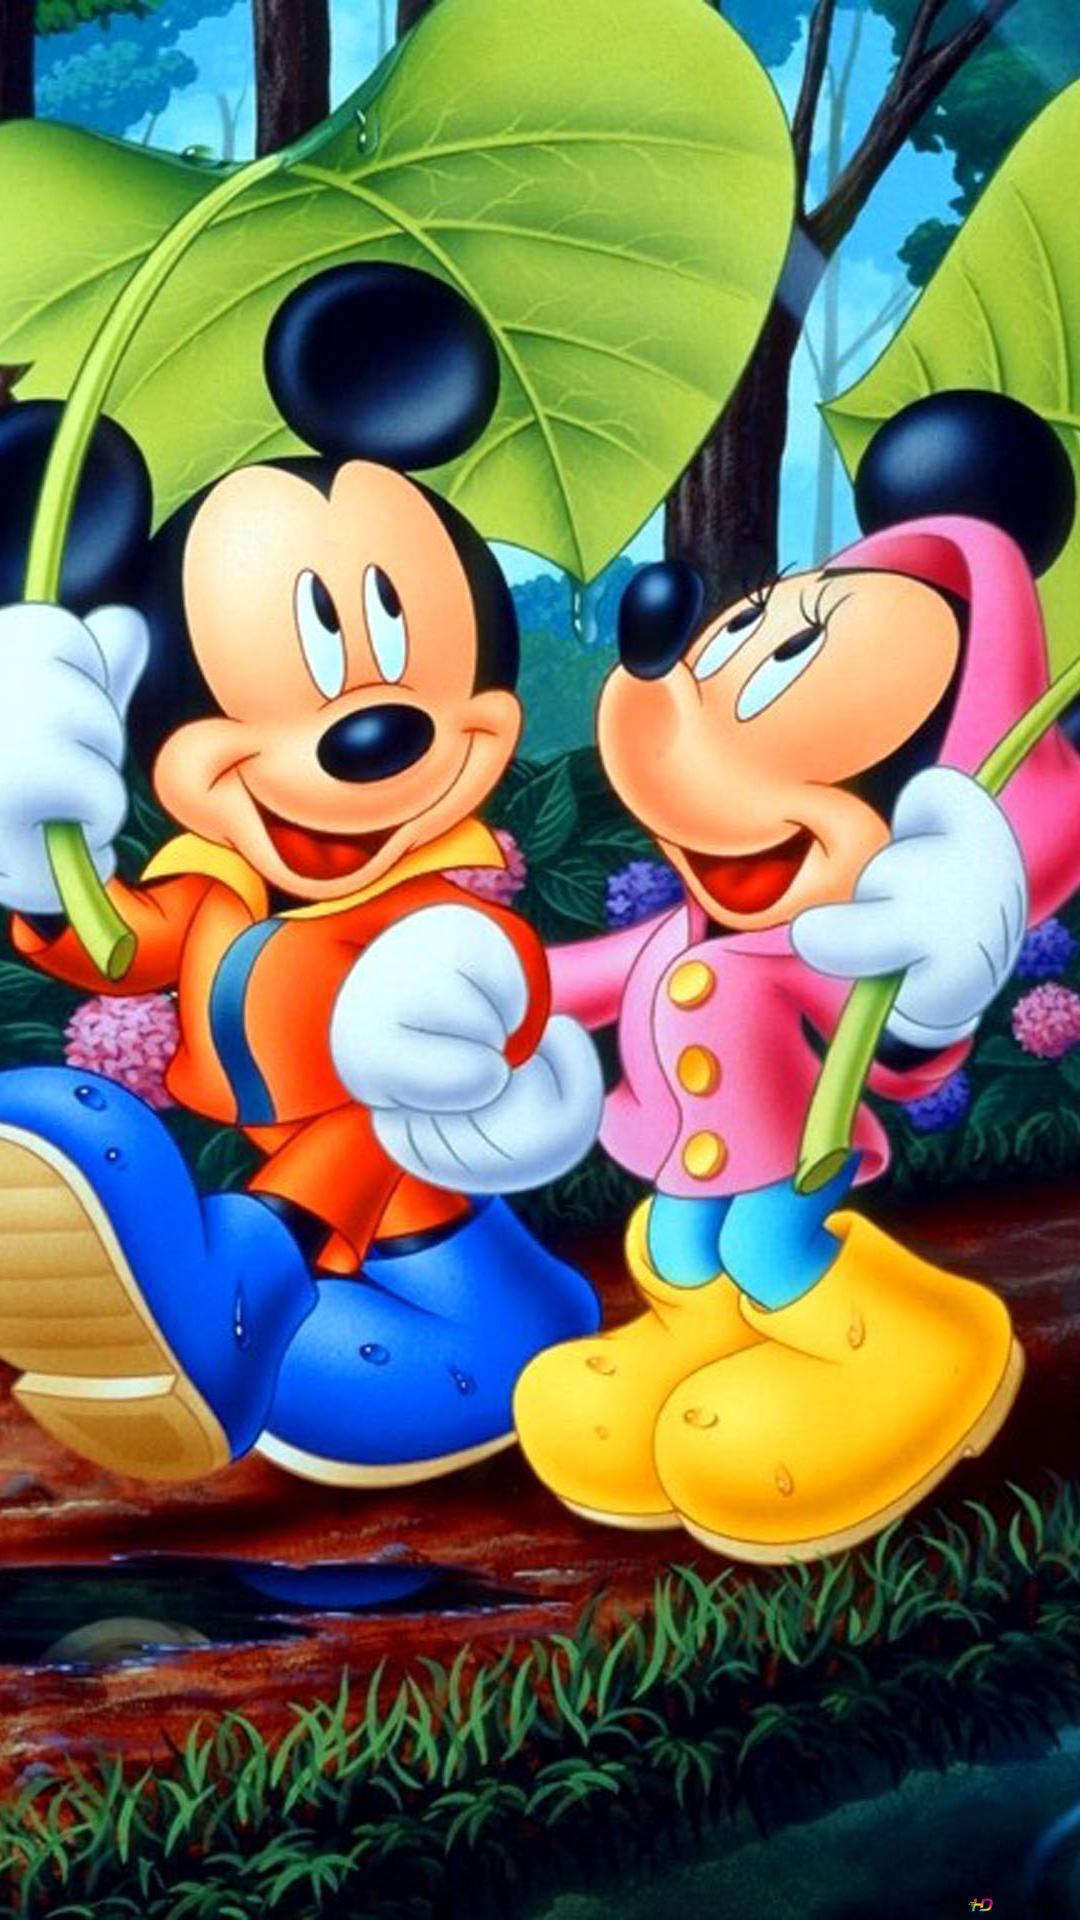 ミッキーマウスの漫画 Hd壁紙のダウンロード